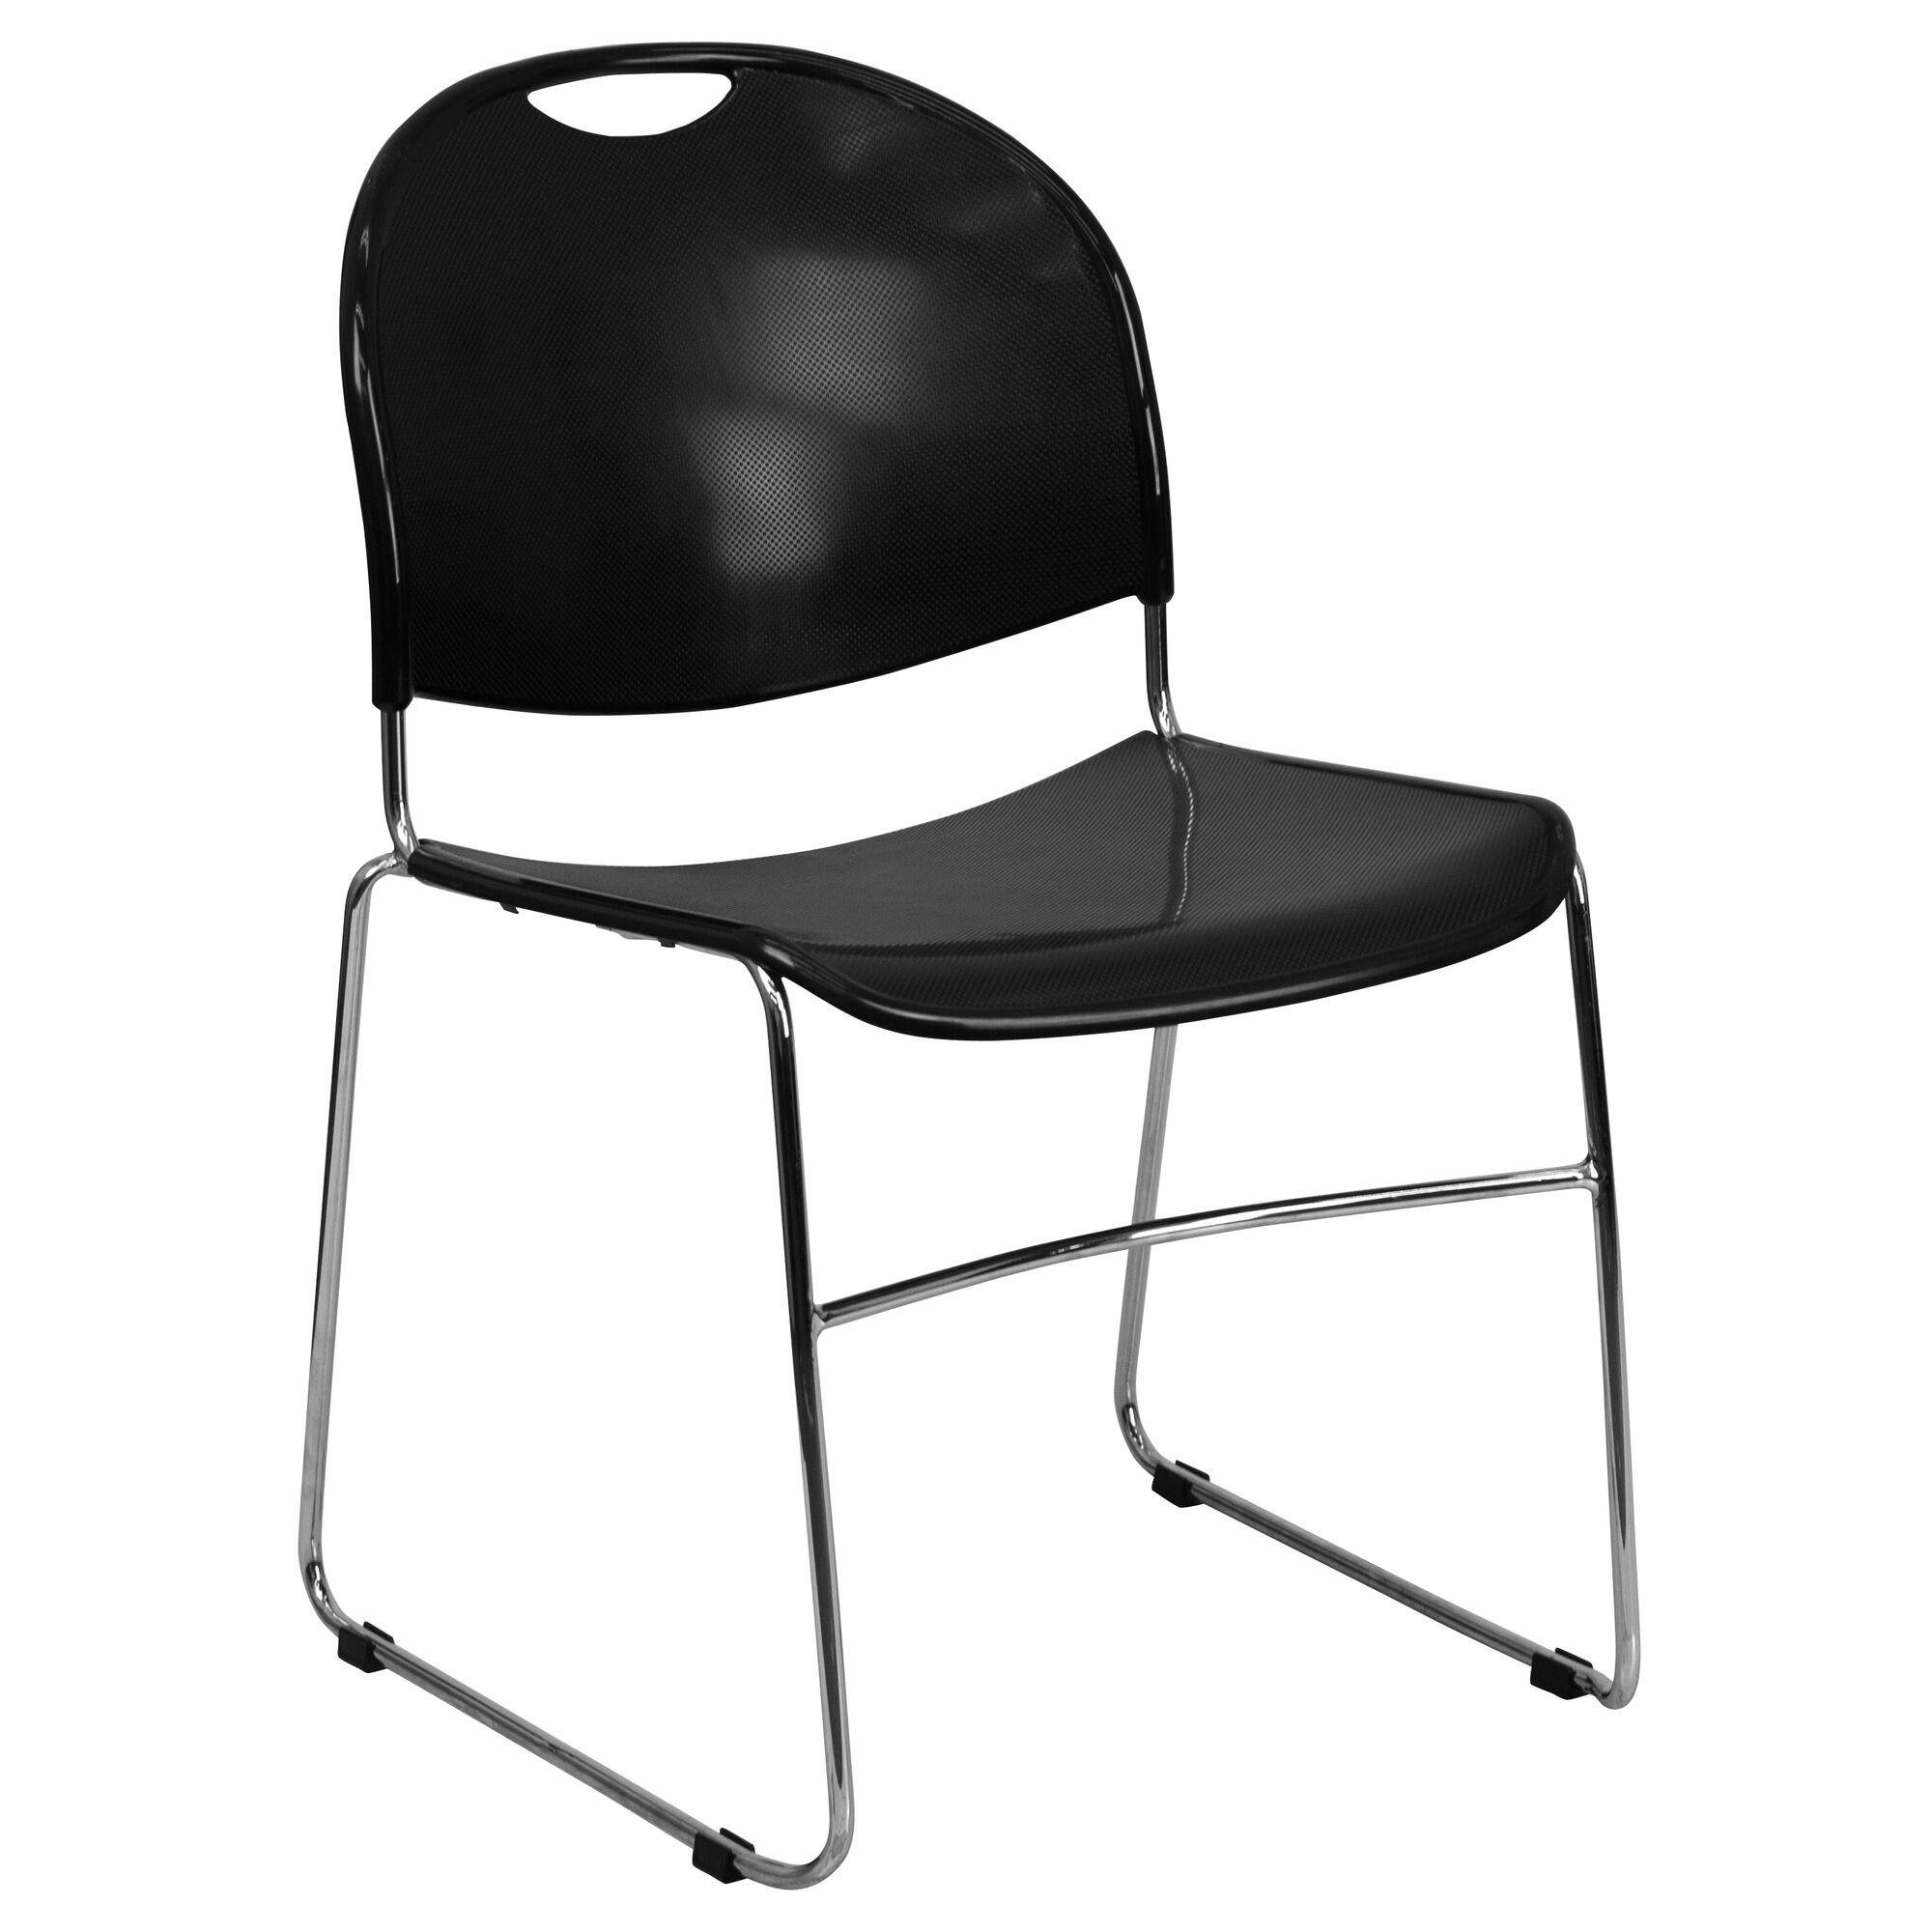 For Less Furniture: Black Stack Chair-Chrome Frame RUT-188-BK-CHR-GG